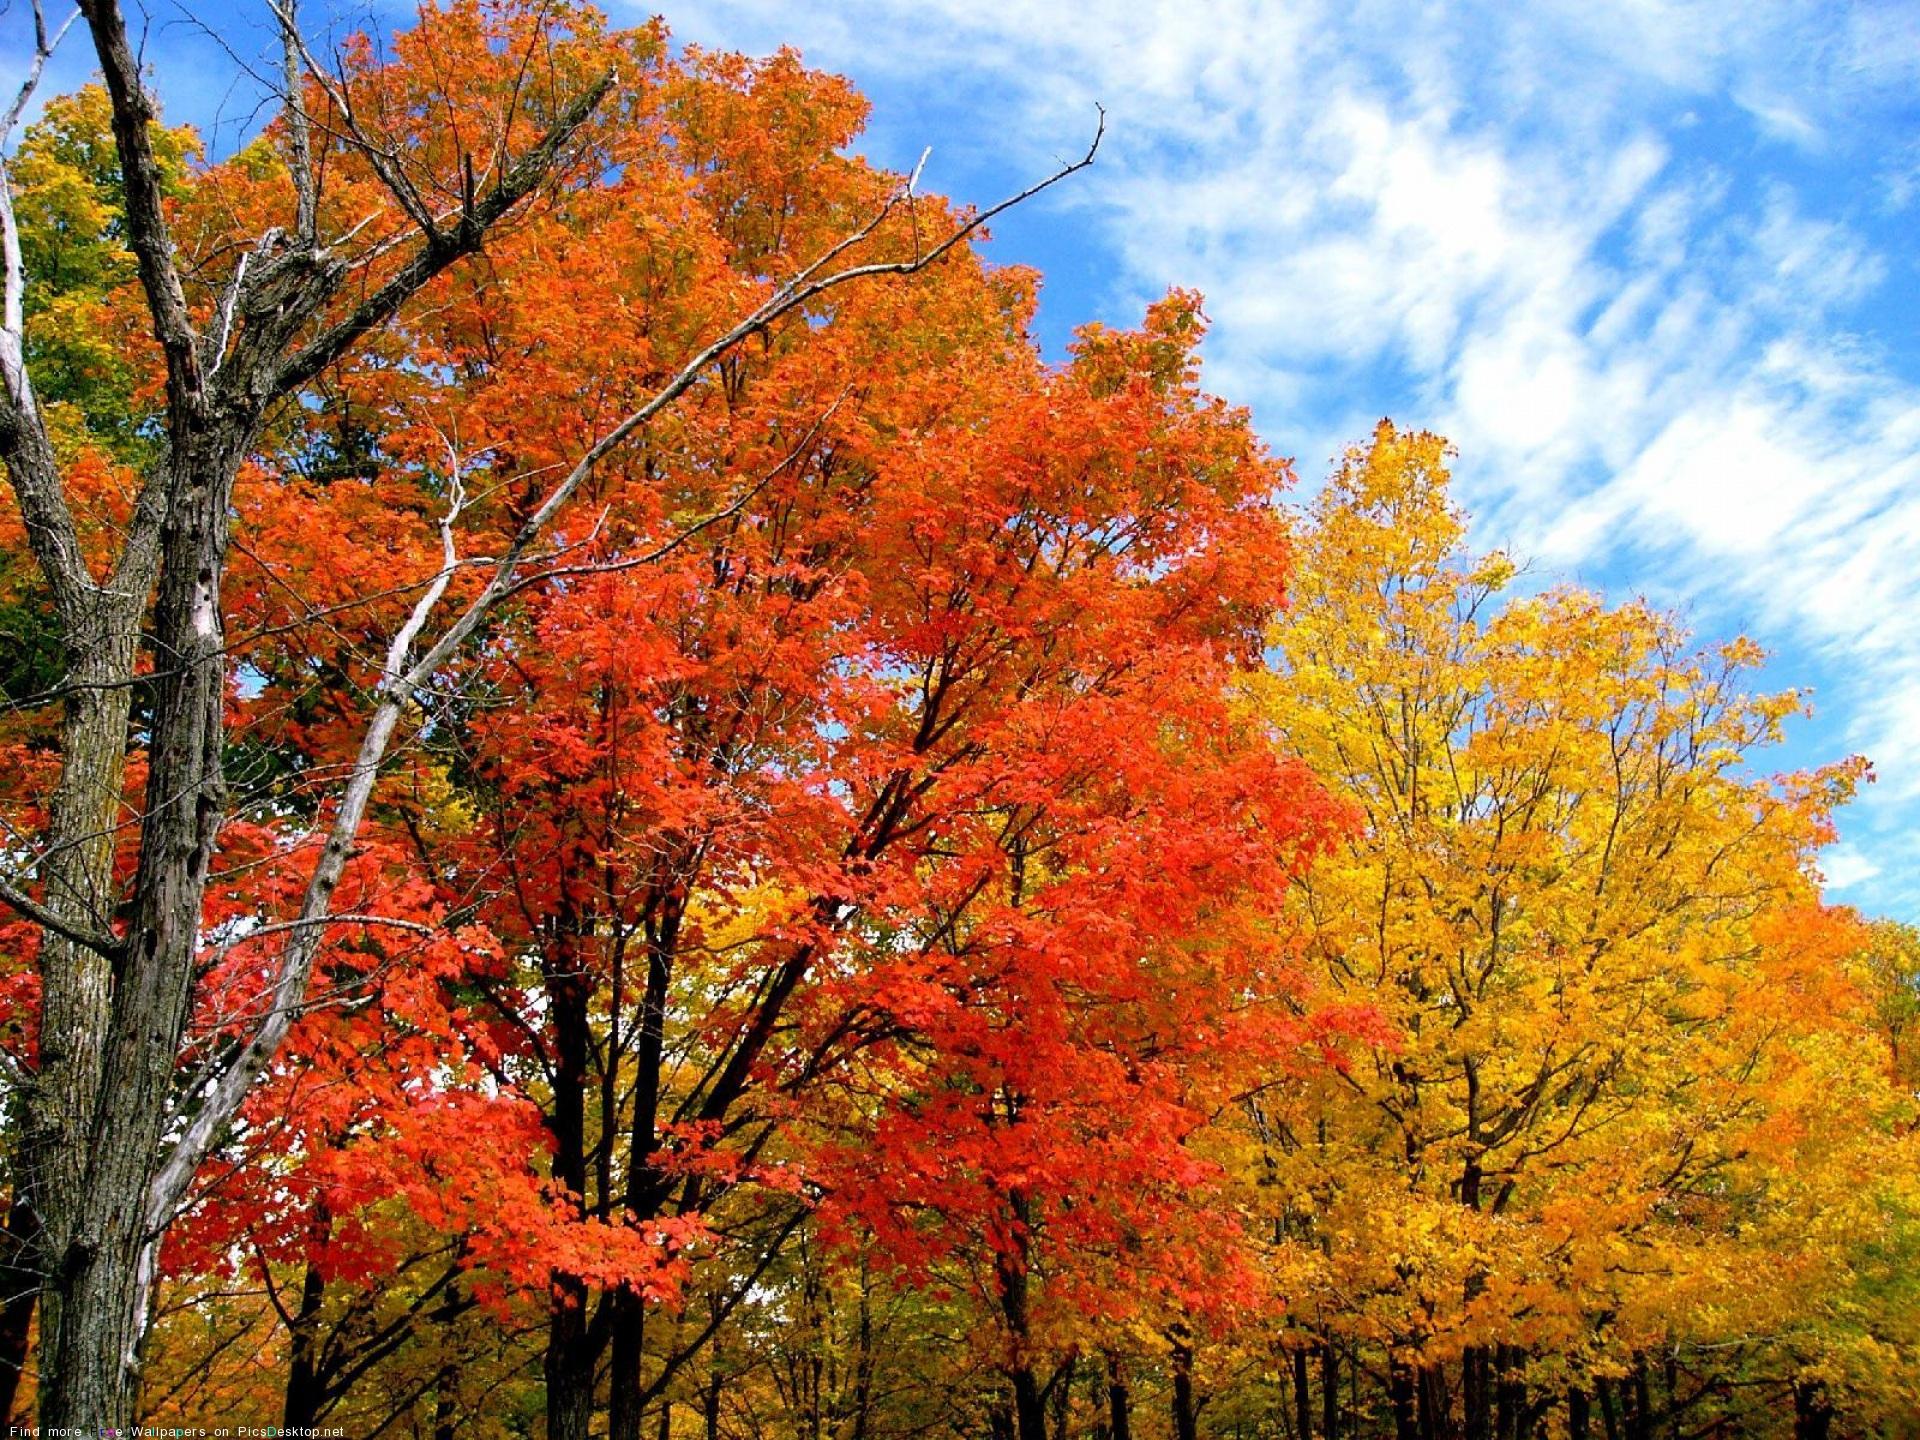 День святого Луки. И волчицею рыжая осень по опушке летит. Но